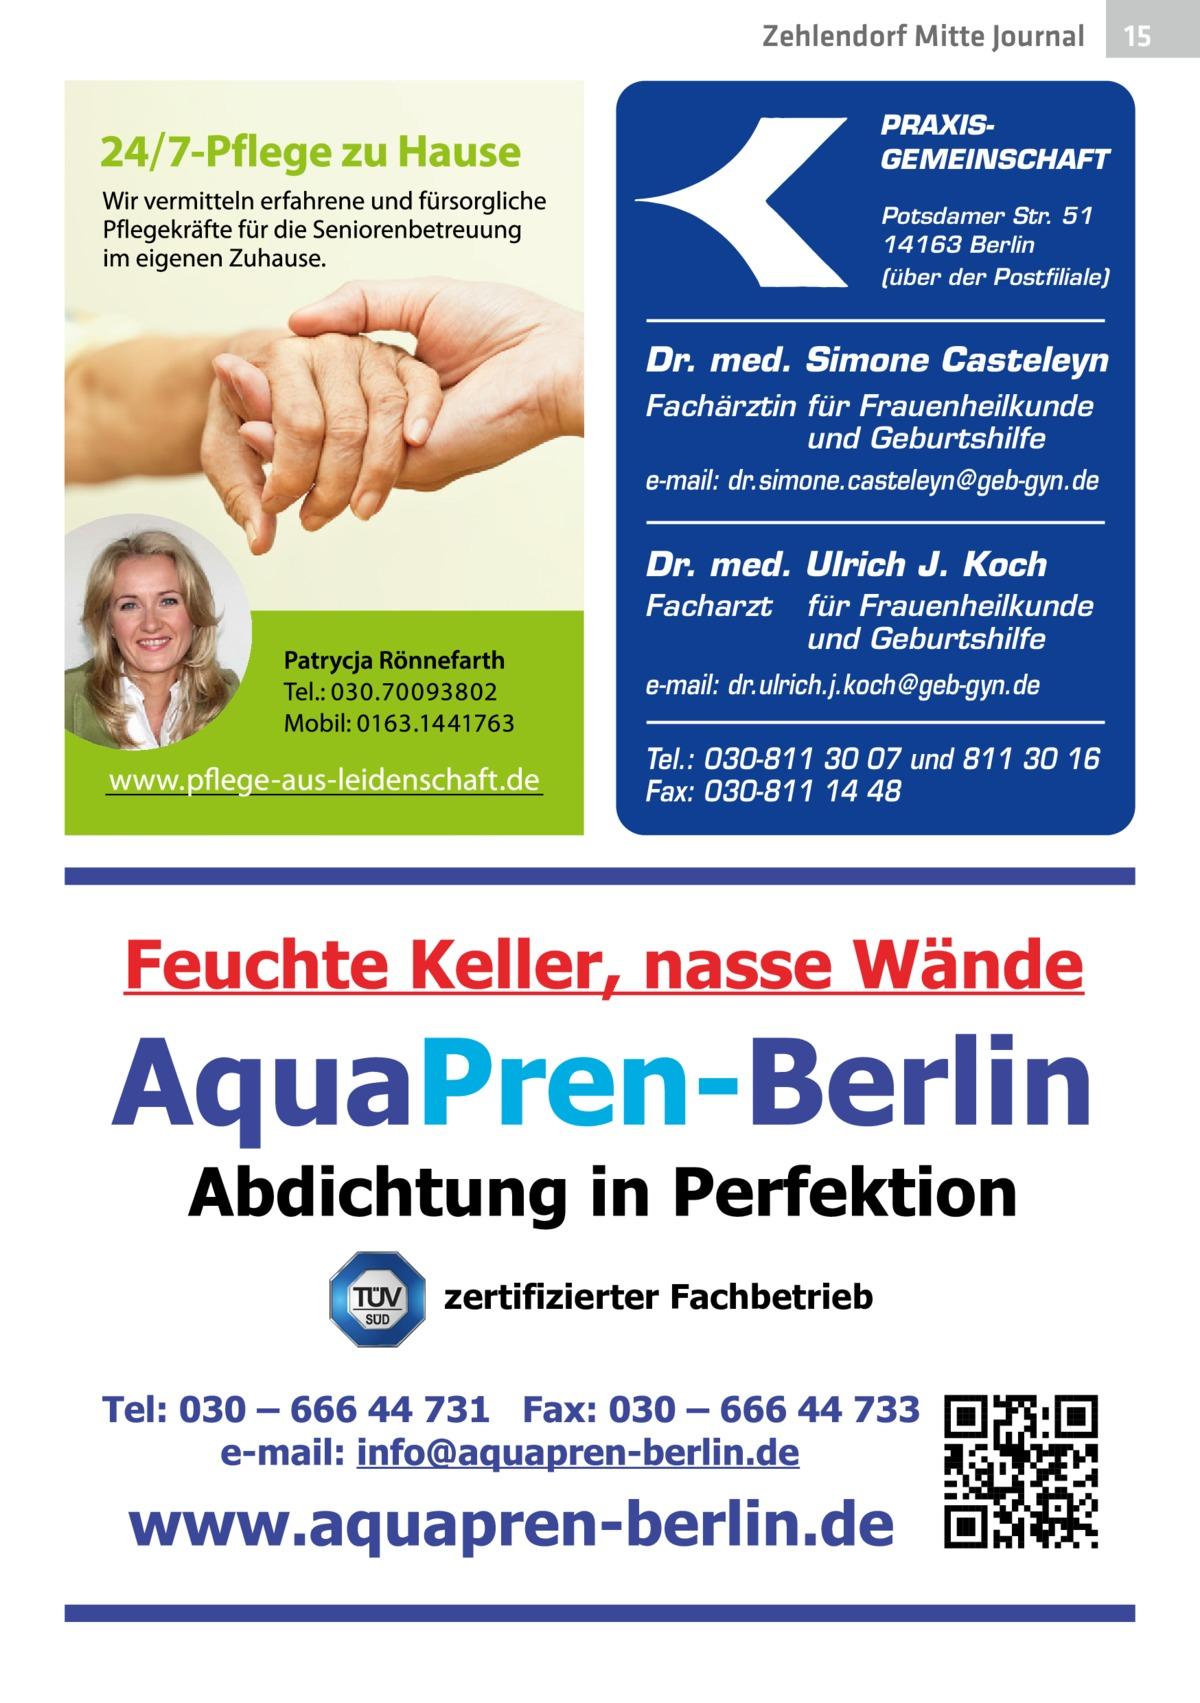 Zehlendorf Mitte Gesundheit Journal PRAXISGEMEINSCHAFT Potsdamer Str. 51 14163 Berlin (über der Postfiliale)  Dr. med. Simone Casteleyn Fachärztin für Frauenheilkunde und Geburtshilfe e-mail: dr.simone.casteleyn@geb-gyn.de  Dr. med. Ulrich J. Koch Facharzt  für Frauenheilkunde und Geburtshilfe  e-mail: dr.ulrich.j.koch@geb-gyn.de  Tel.: 030-811 30 07 und 811 30 16 Fax: 030-811 14 48  zertifizierter Fachbetrieb  15